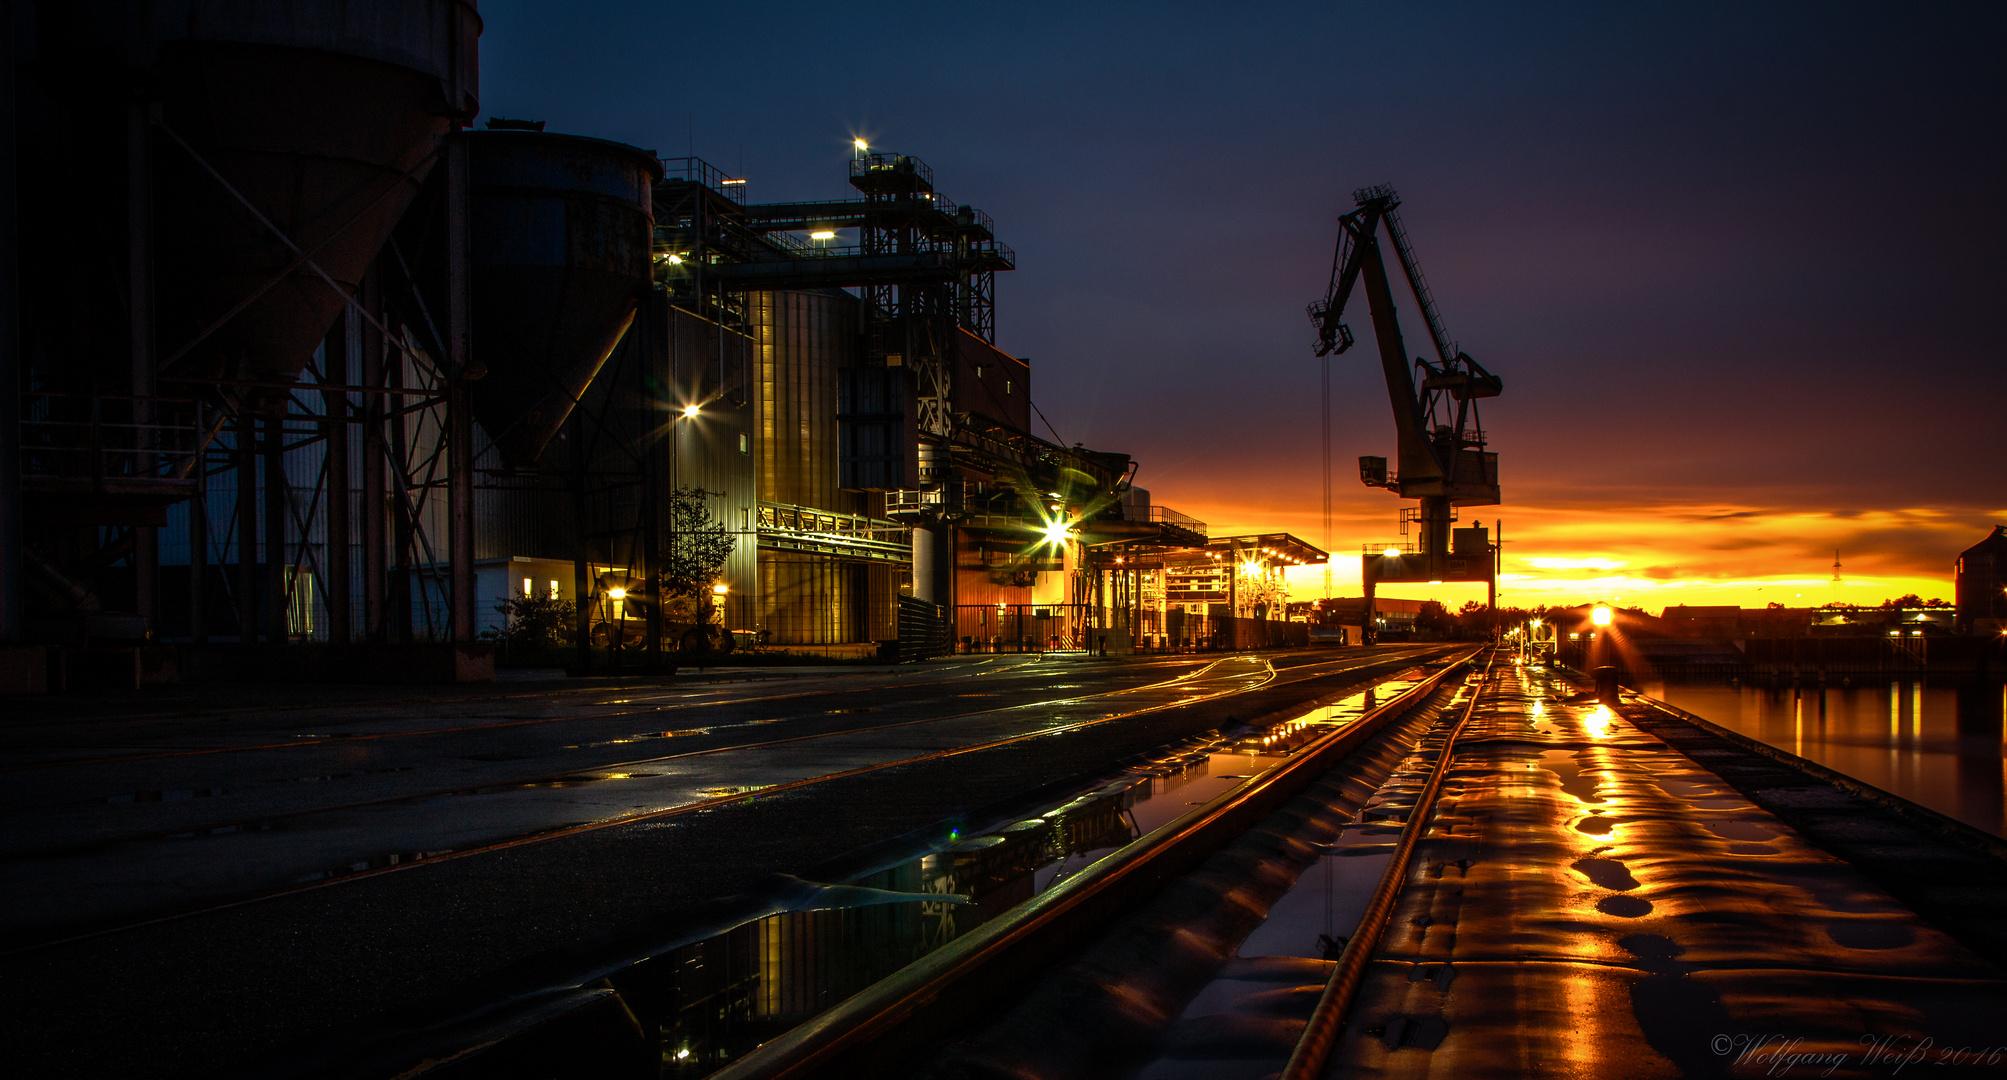 Straubing Hafen